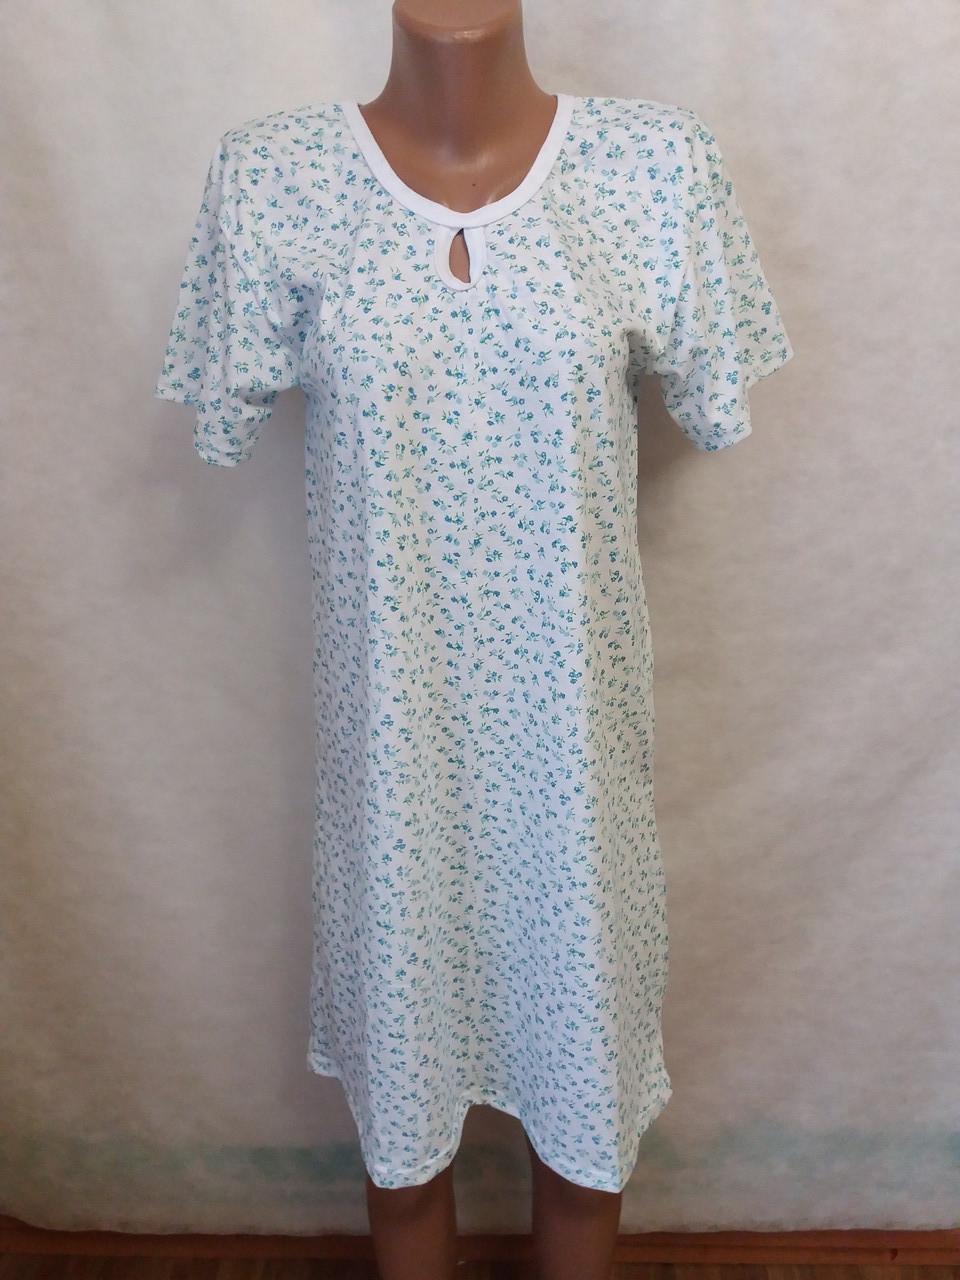 Ночные сорочки майки женские хлопок Украина р-р 52,54. От 4шт по 72грн